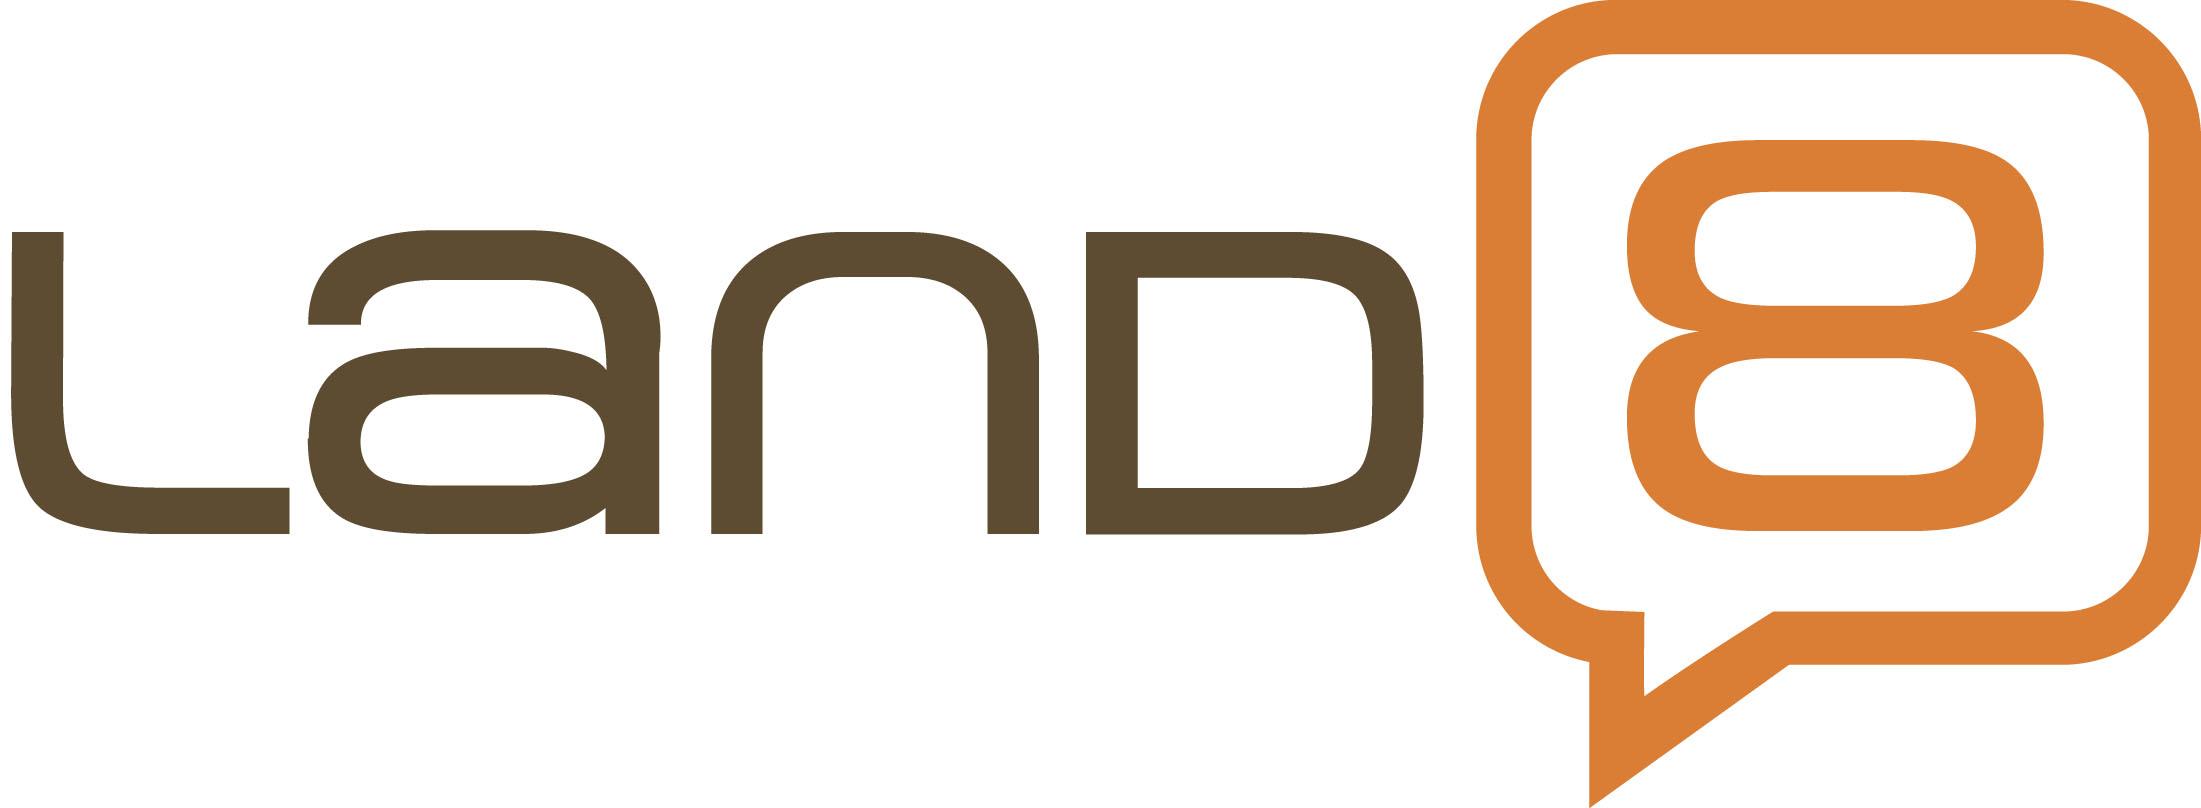 Land8_logo_2011.jpg